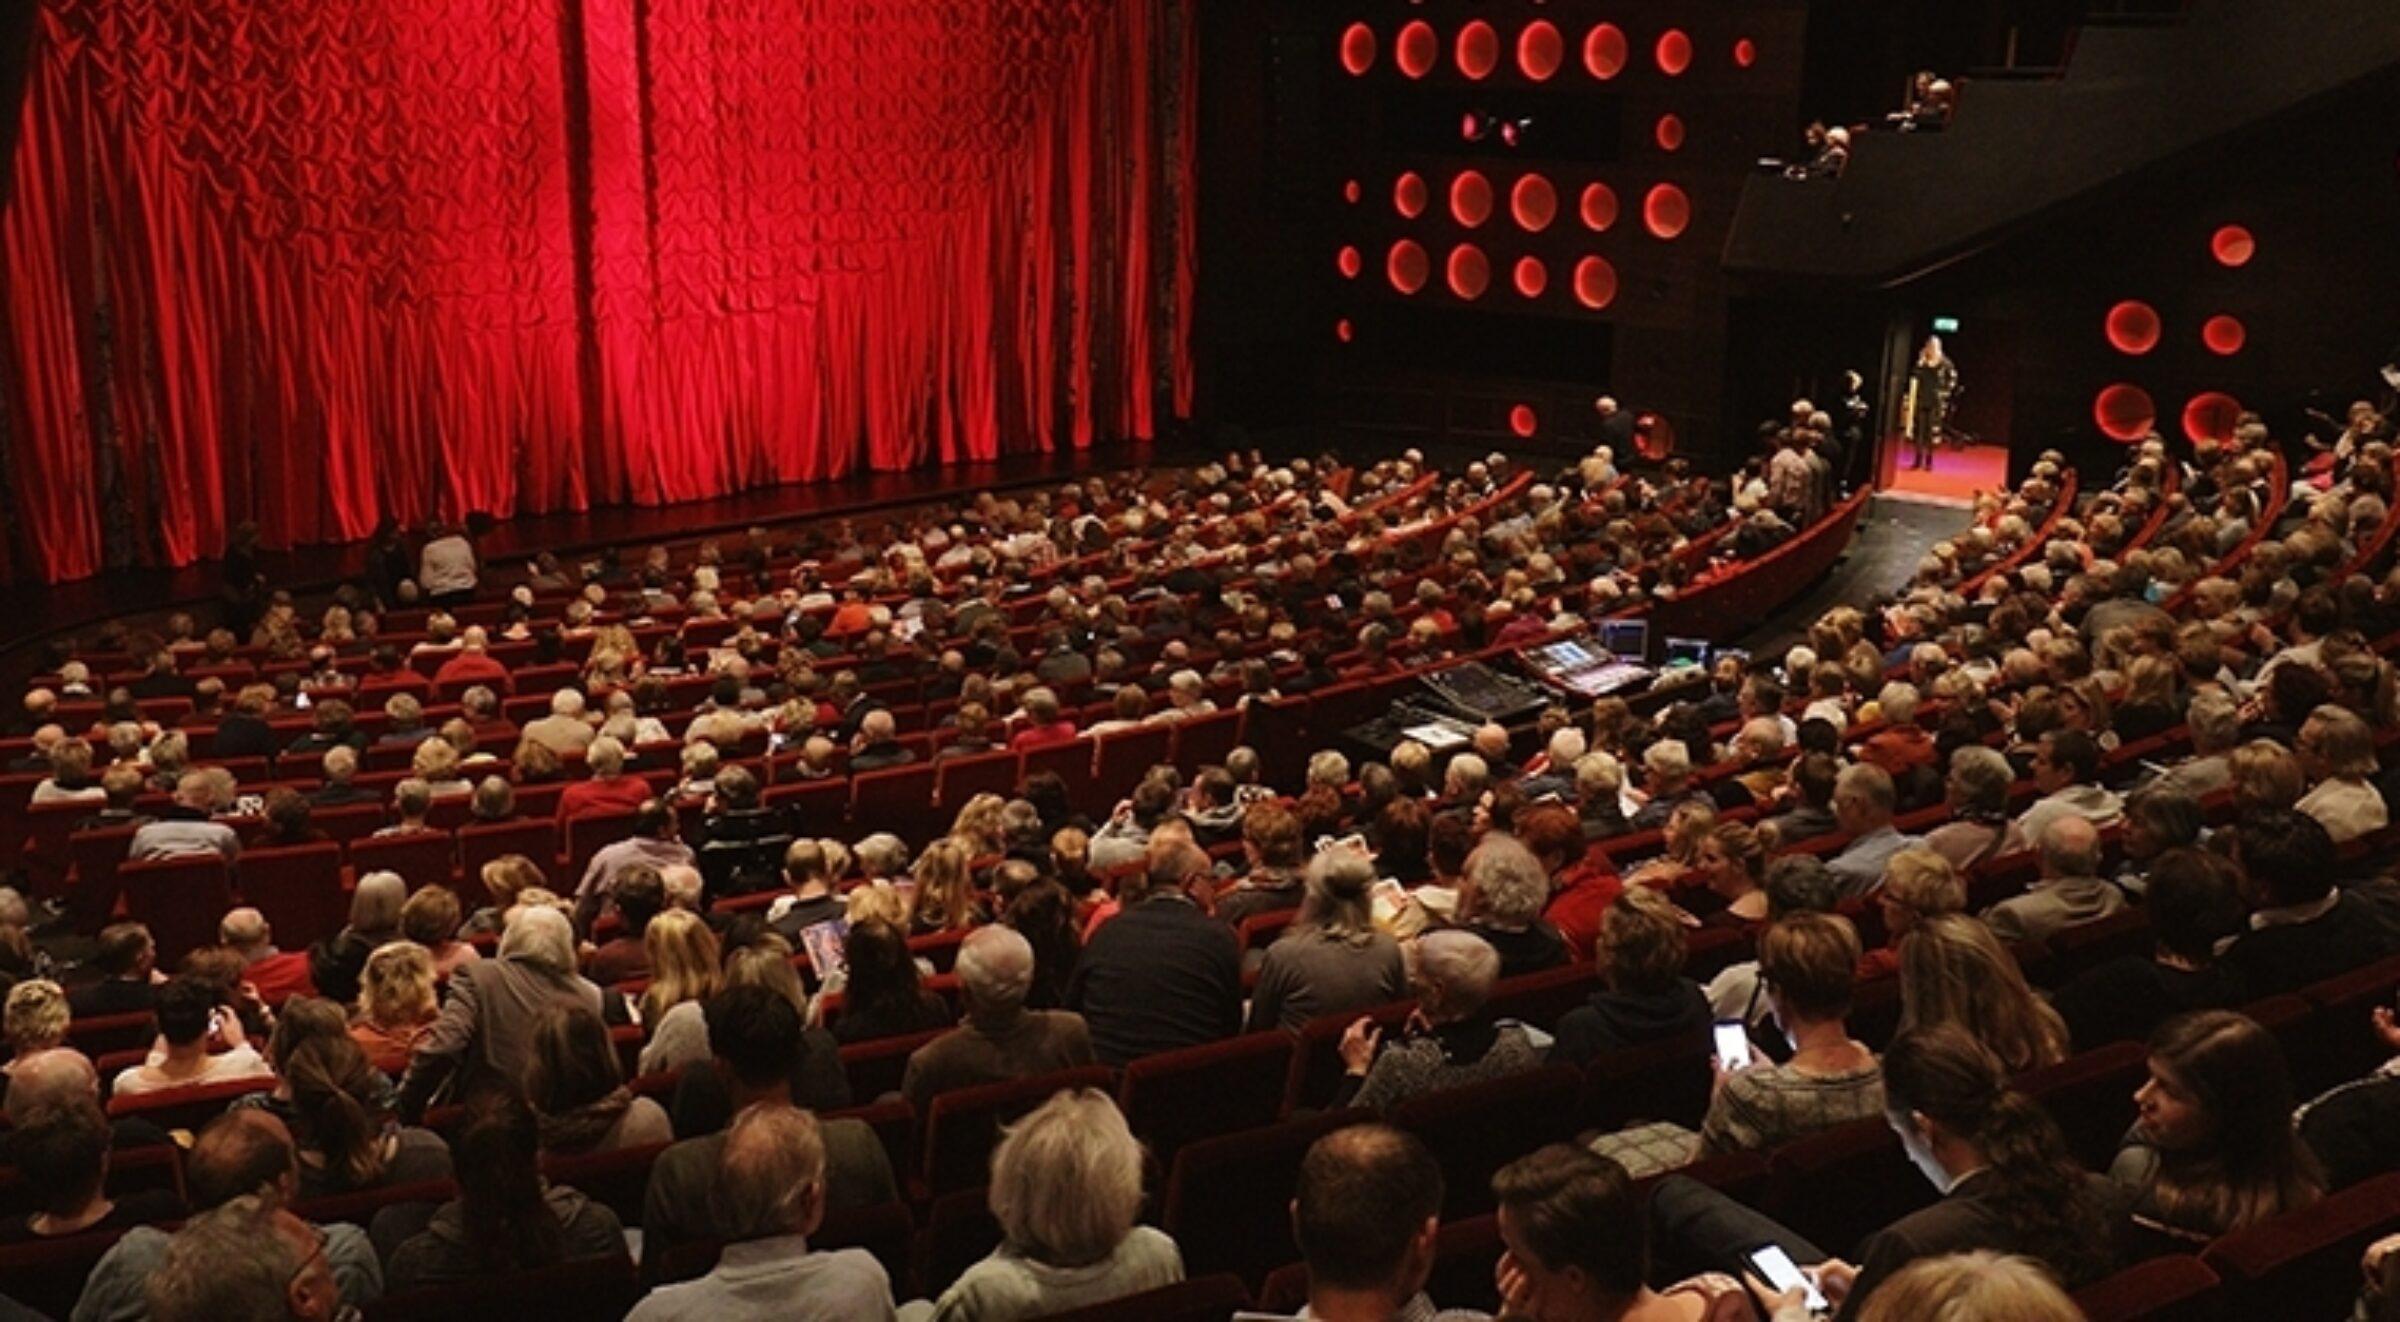 Wilminktheater in Enschede